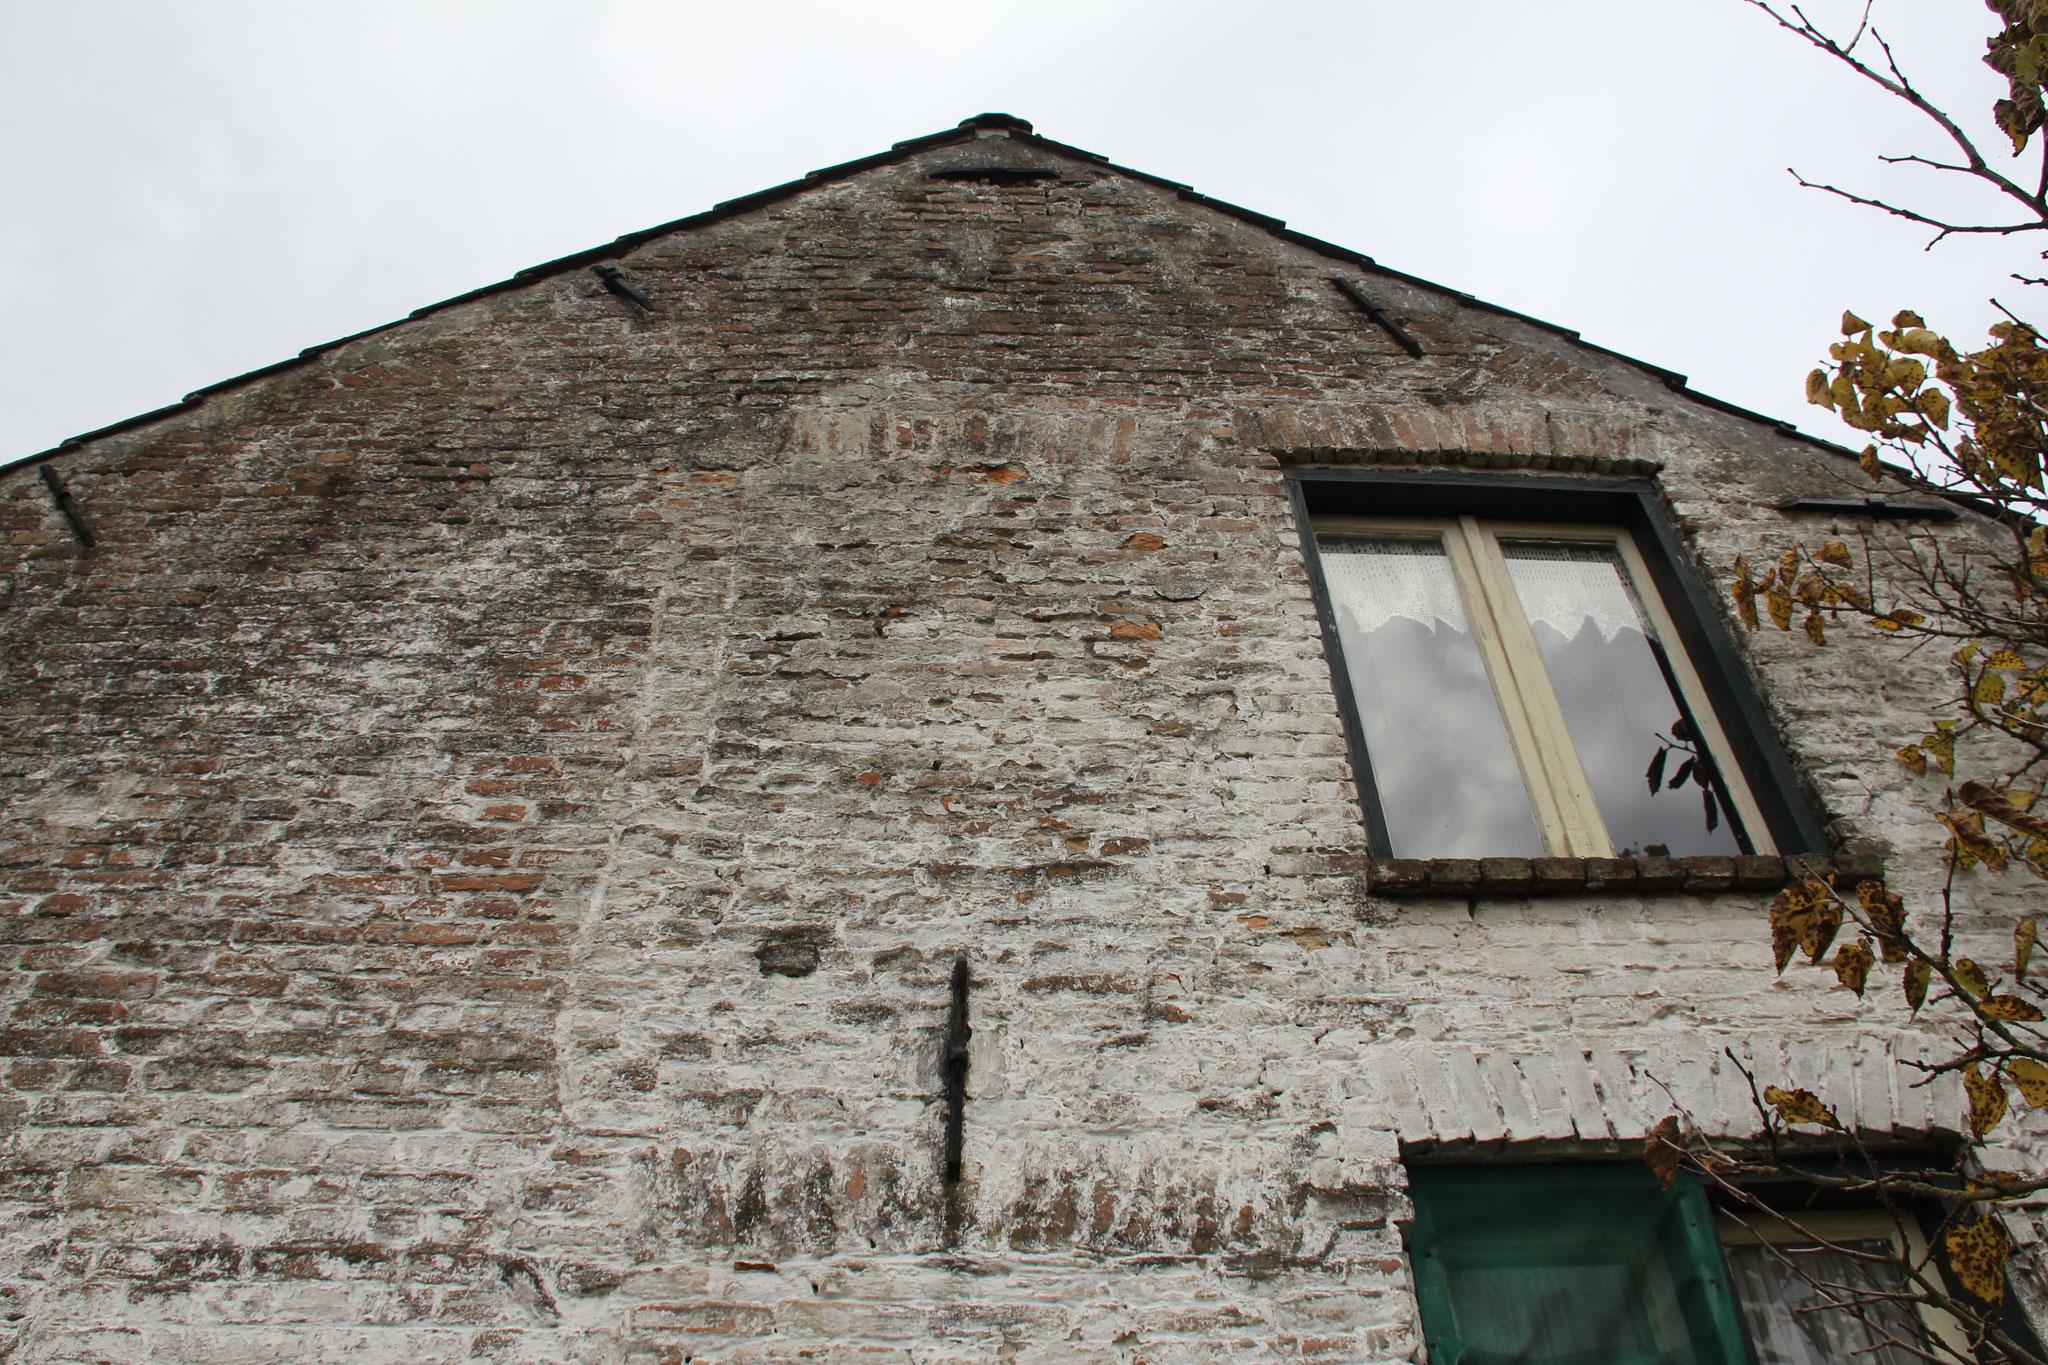 De hamenkammen in de zijgevel zijn sporen van de oorspronkelijke gevelopzet van de spieker.